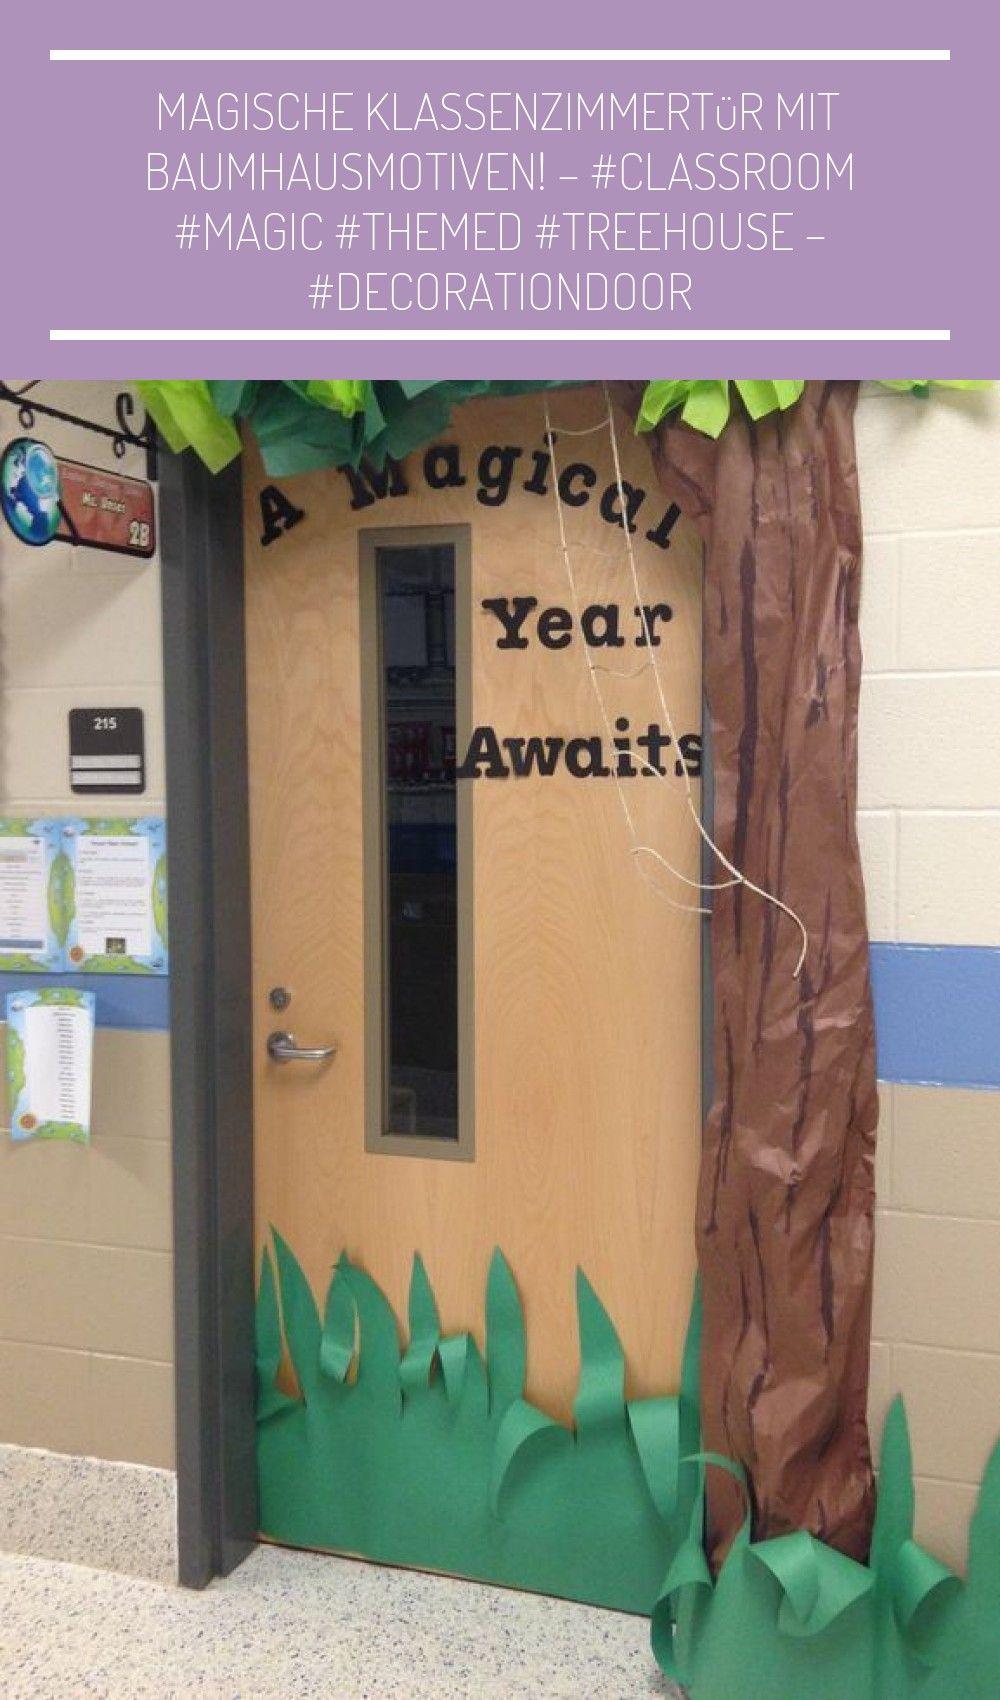 Magische Klassenzimmertür mit Baumhausmotiven! - - - - - bedroom theme Magische Klassenzimmertür